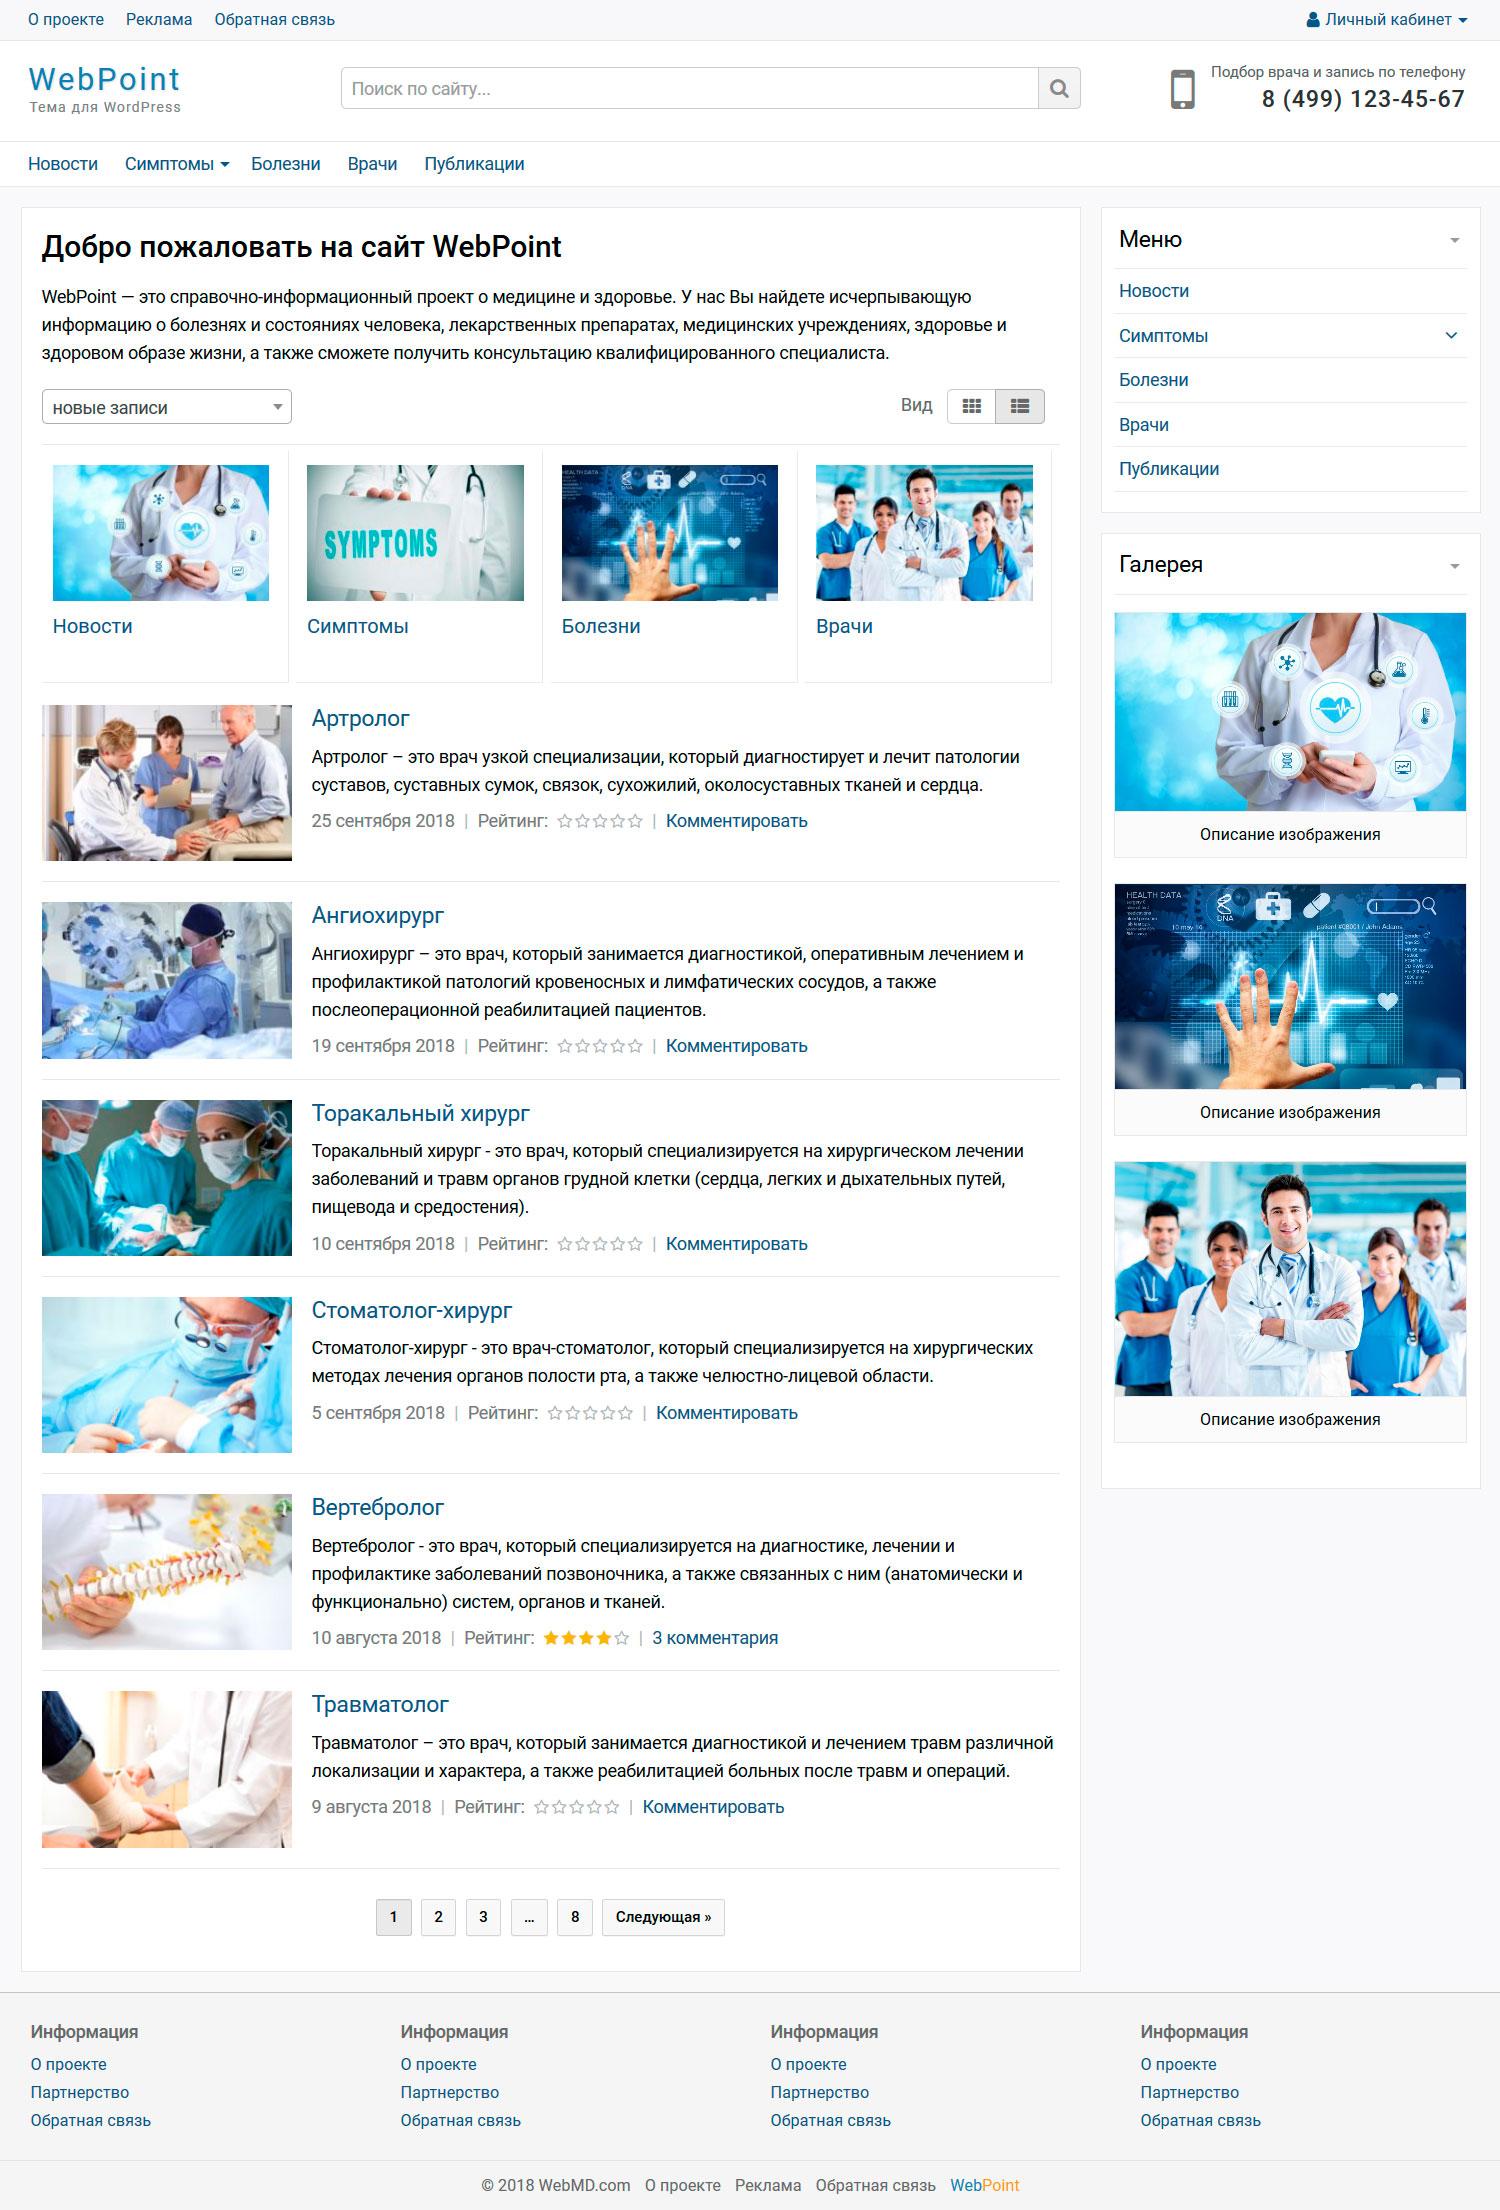 WebPoint PRO - боковая колонка справа